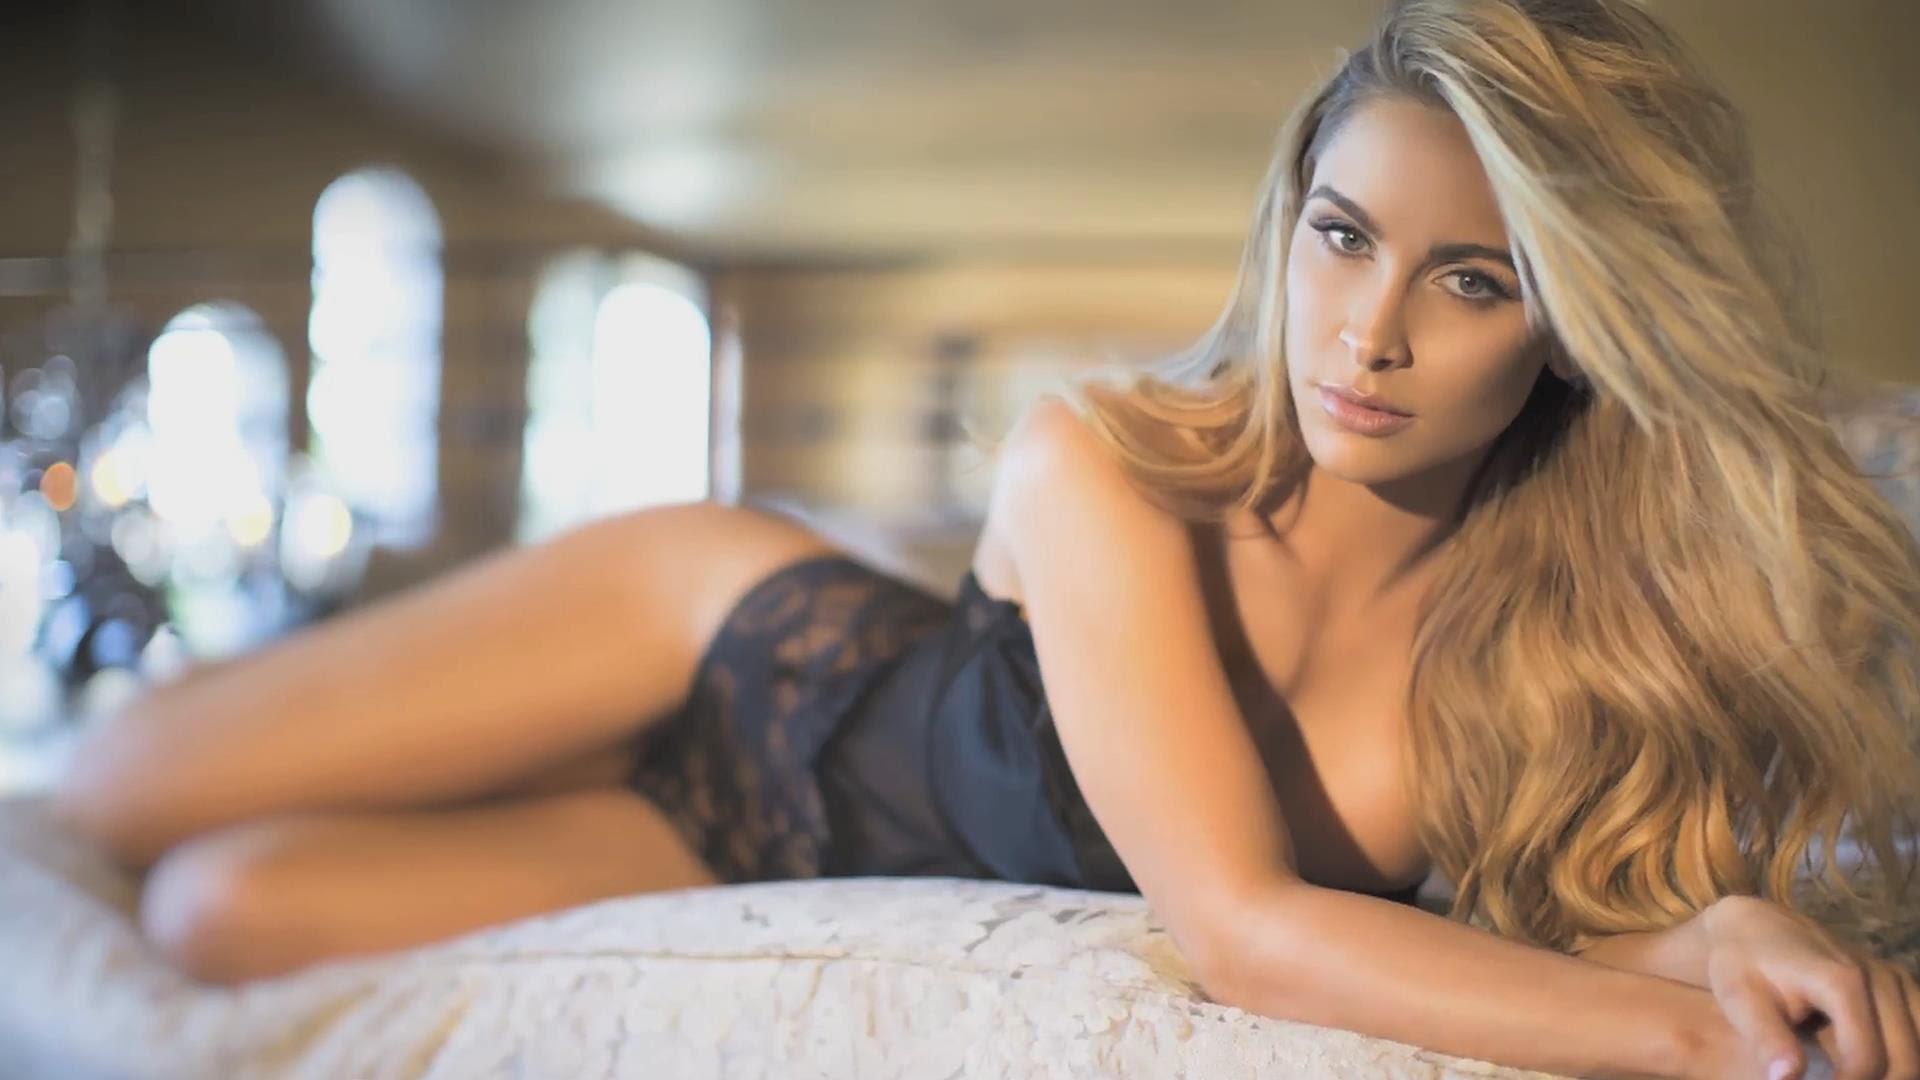 Ellie Gonsalves : wiki, instagram, boyfriend, partner, family, parents, ethnicity. height, birthday